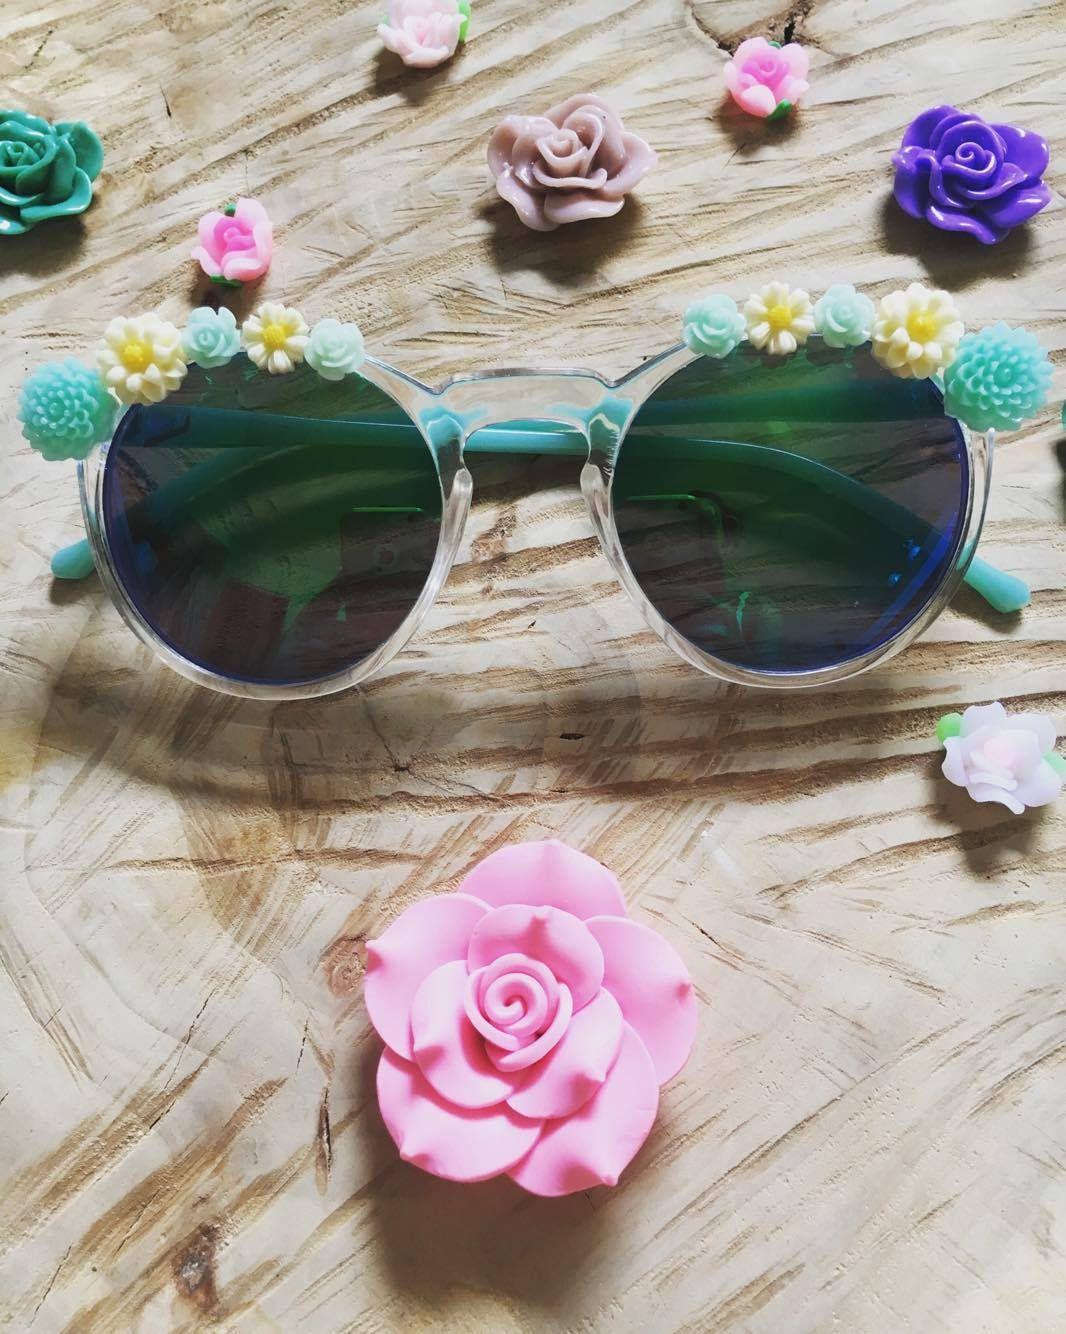 Hippie Lunettes soleil Lunettes de de lunettes cordons soleil nfUwHxS